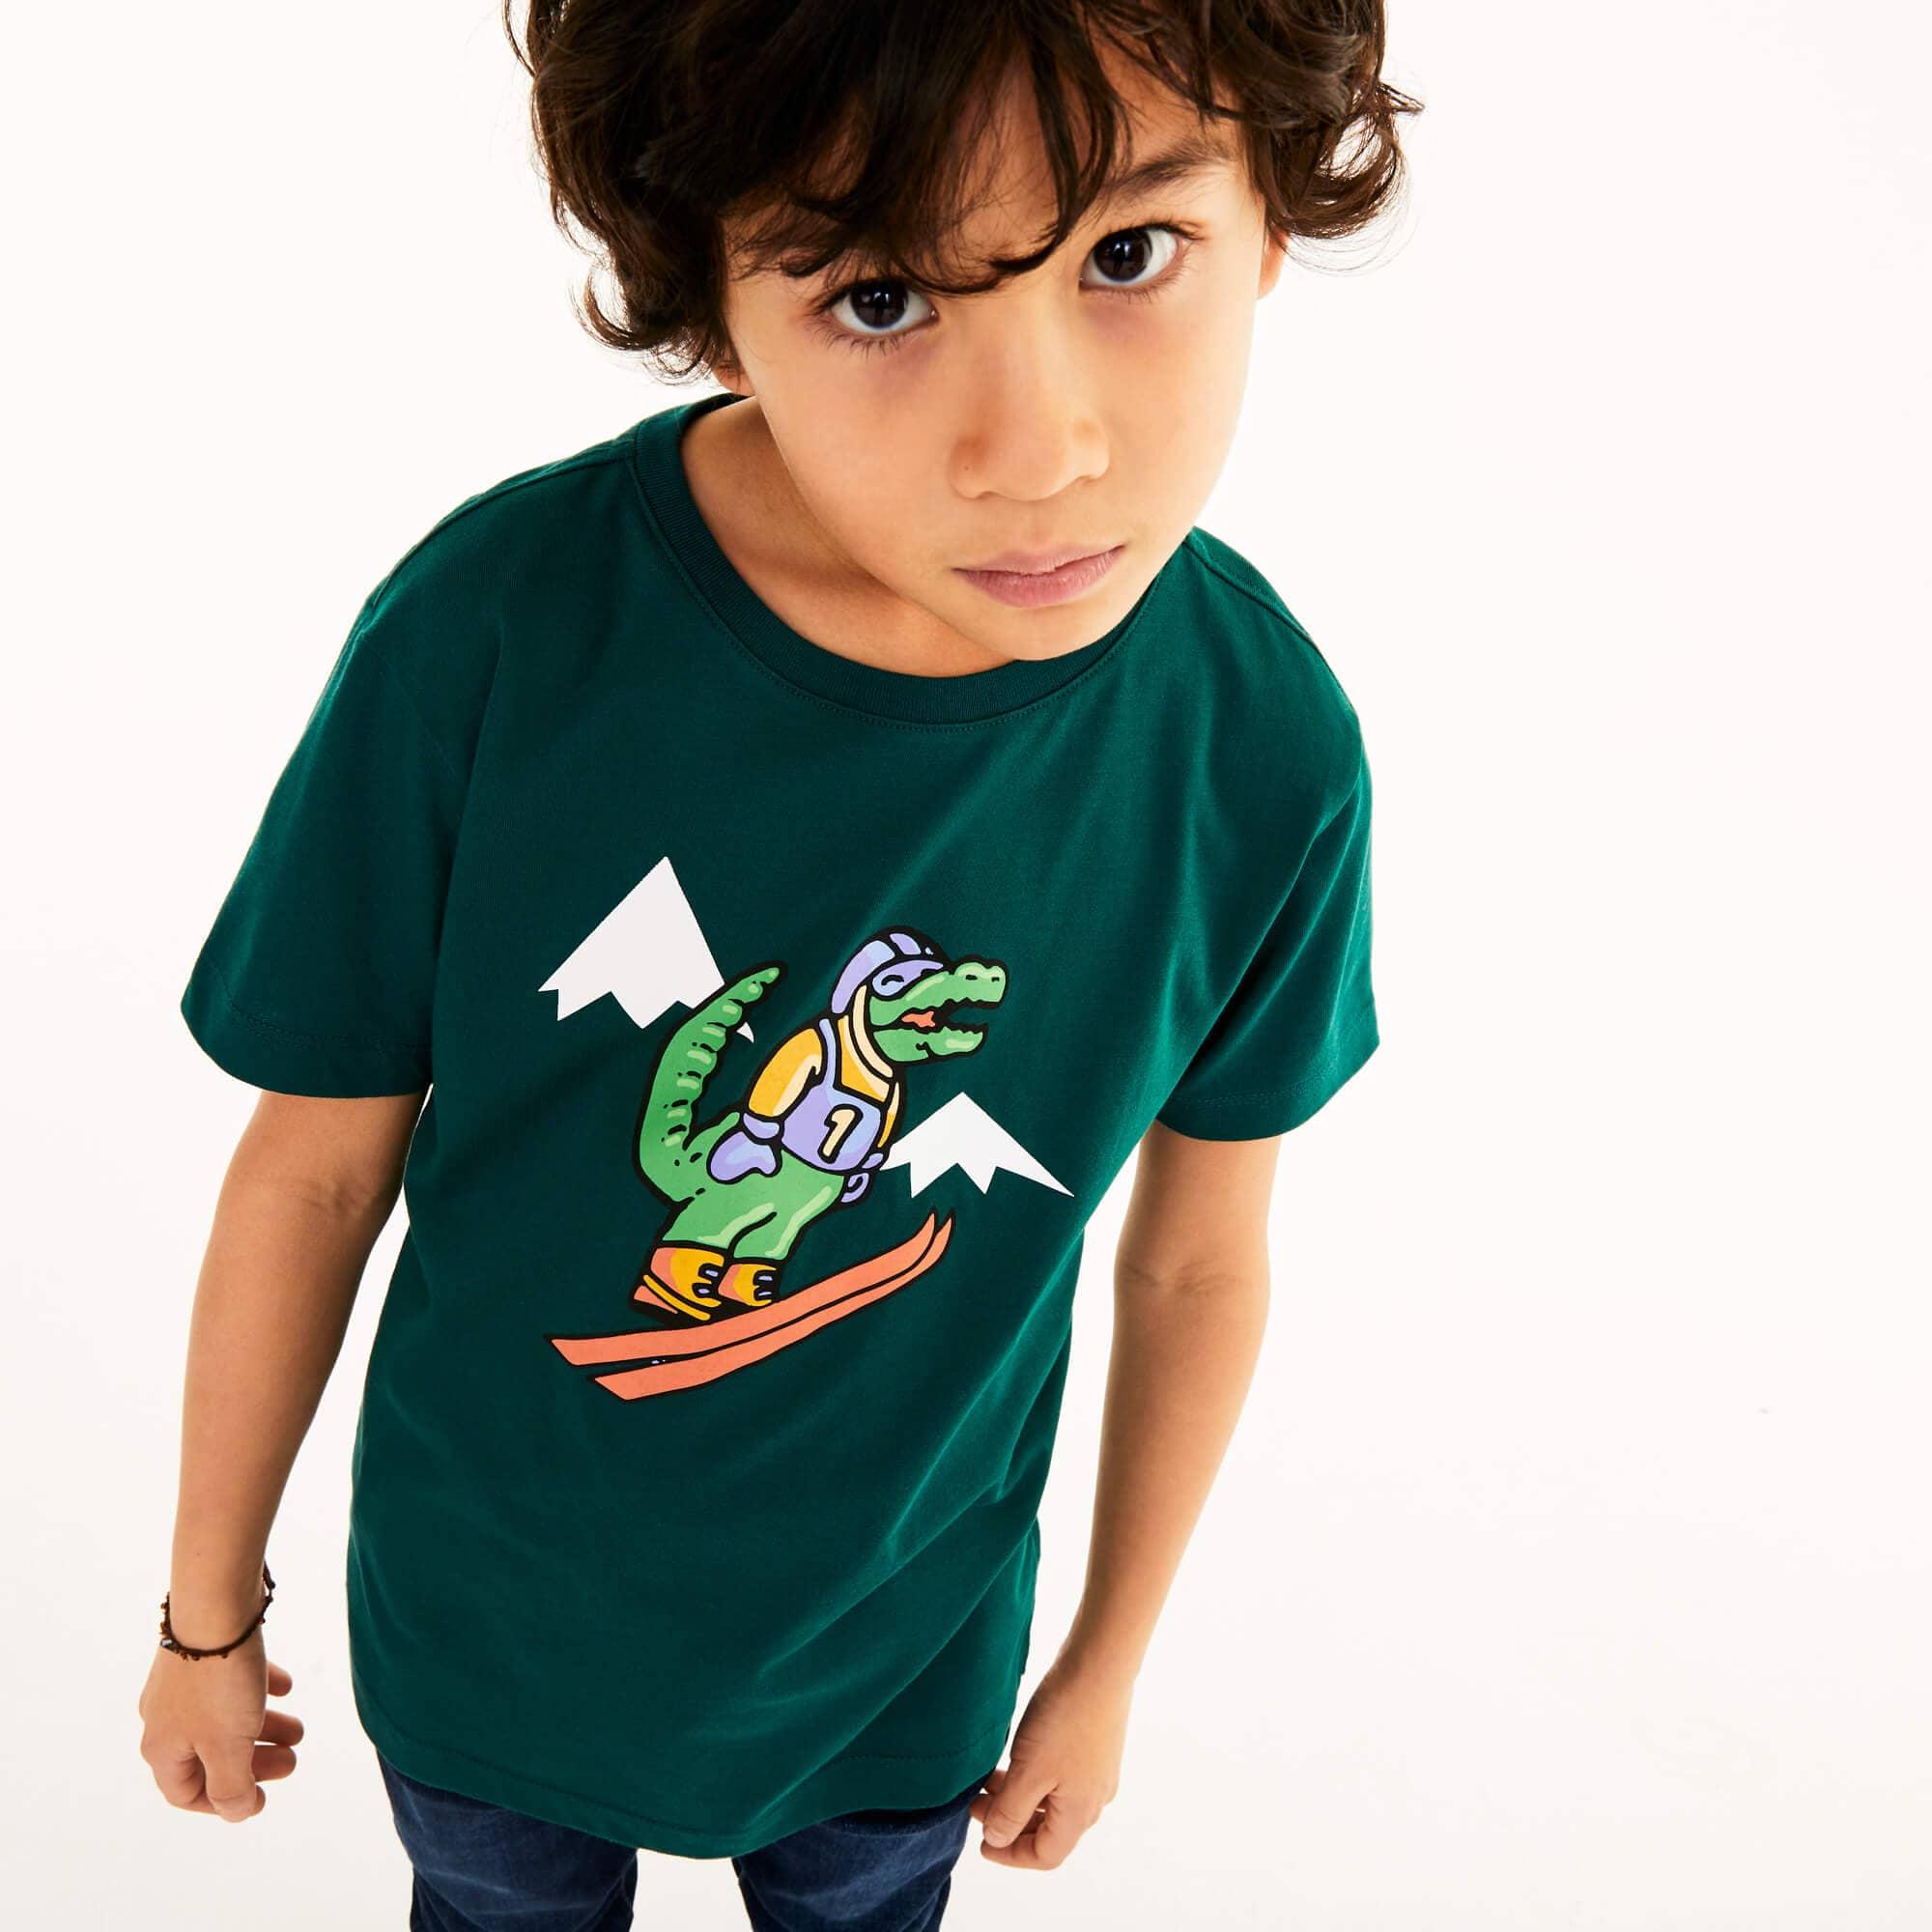 라코스테 Lacoste Boys Skiing Crocodile Print Cotton T-Shirt Gift Set,Green • GFS